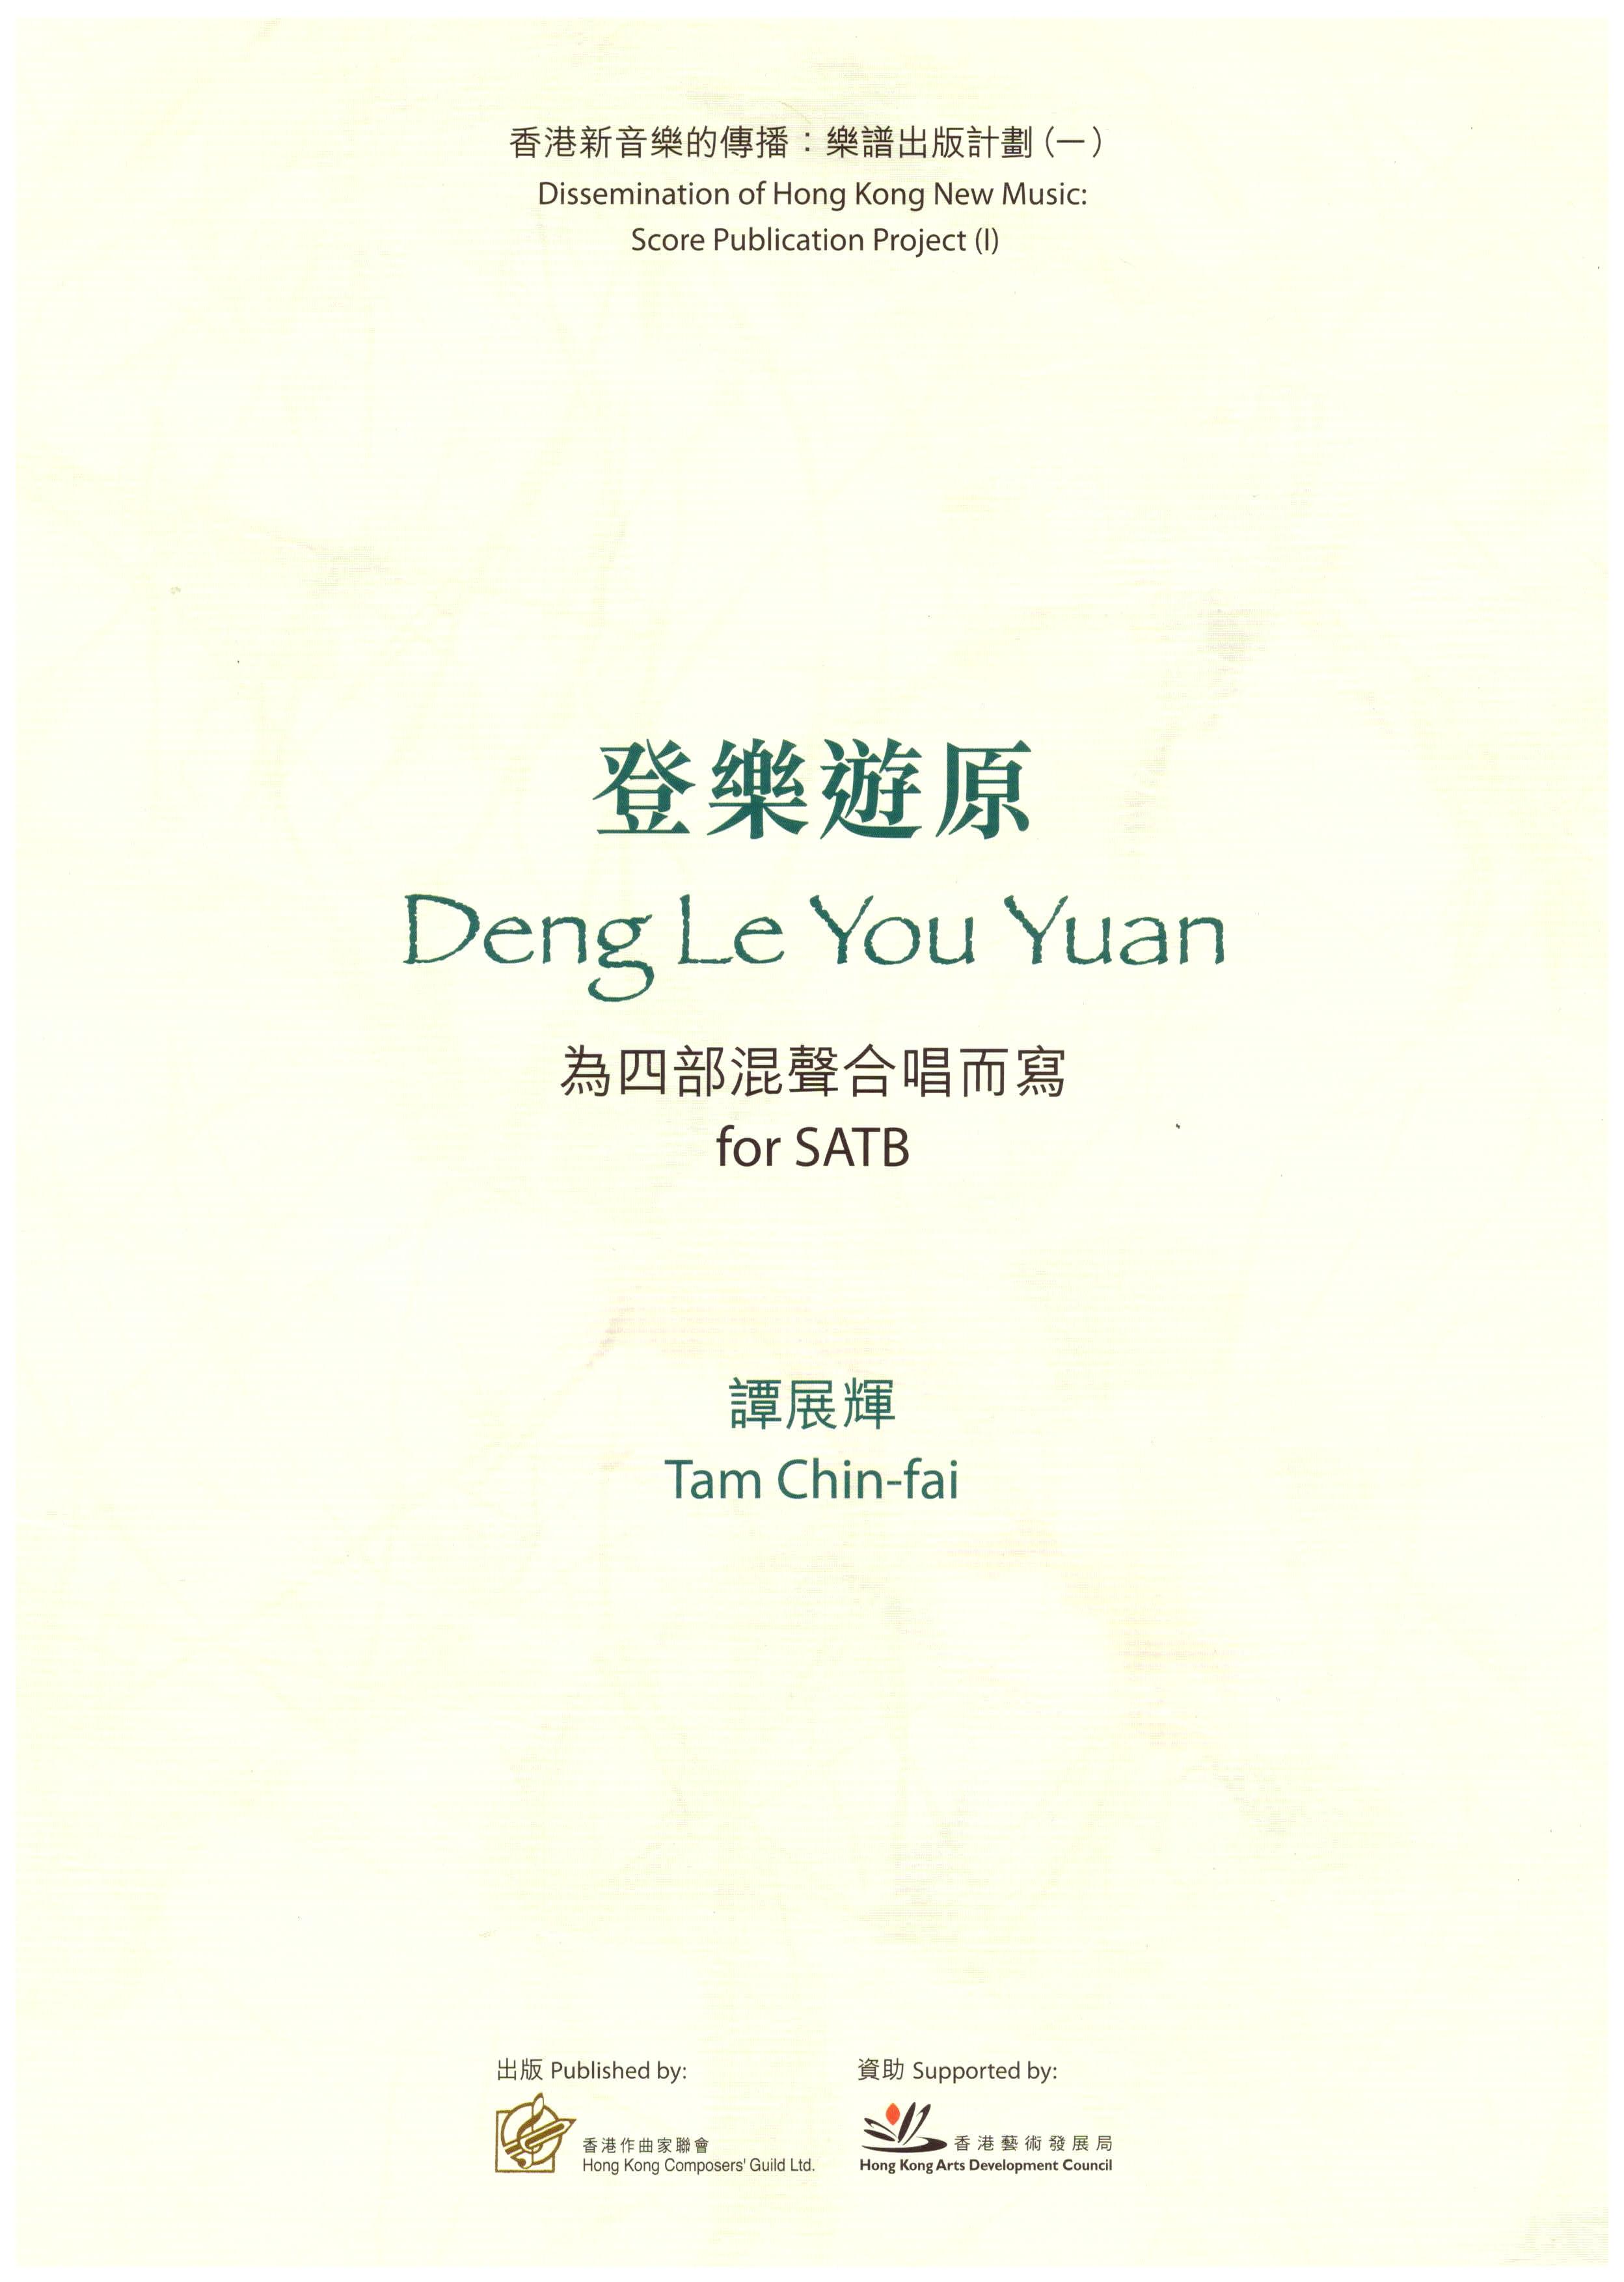 Tam Chin-fai - Deng Le You Yuan